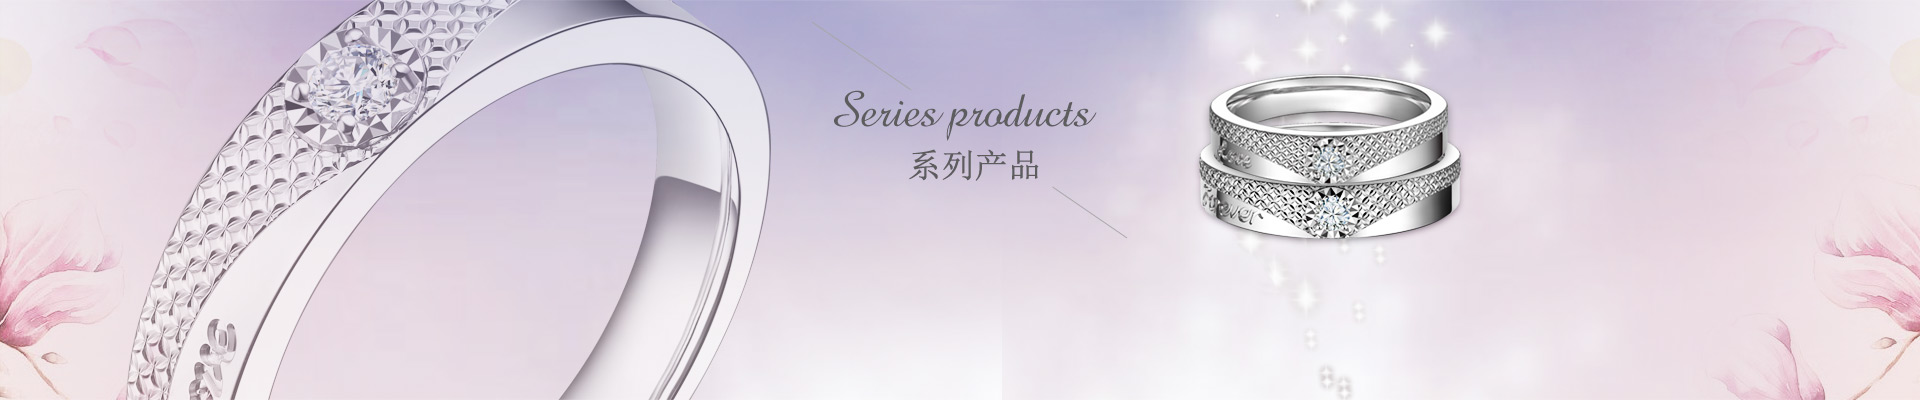 系列产品-必威app手机下载精装版必威app集团